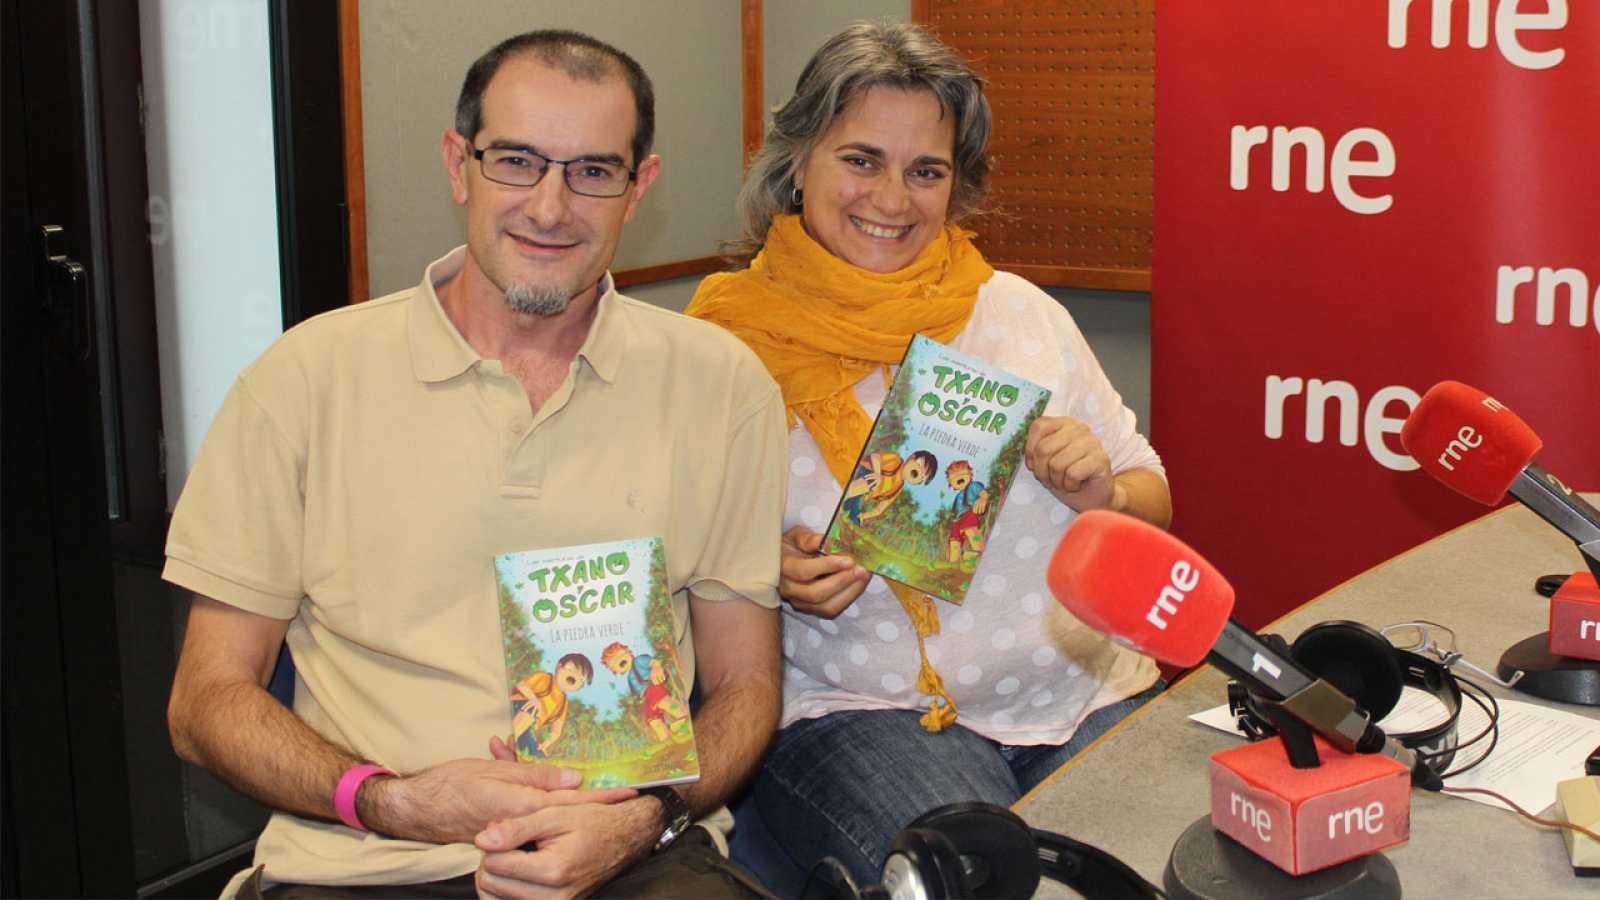 Lletra lligada - Les aventures de Txano i Óscar en català